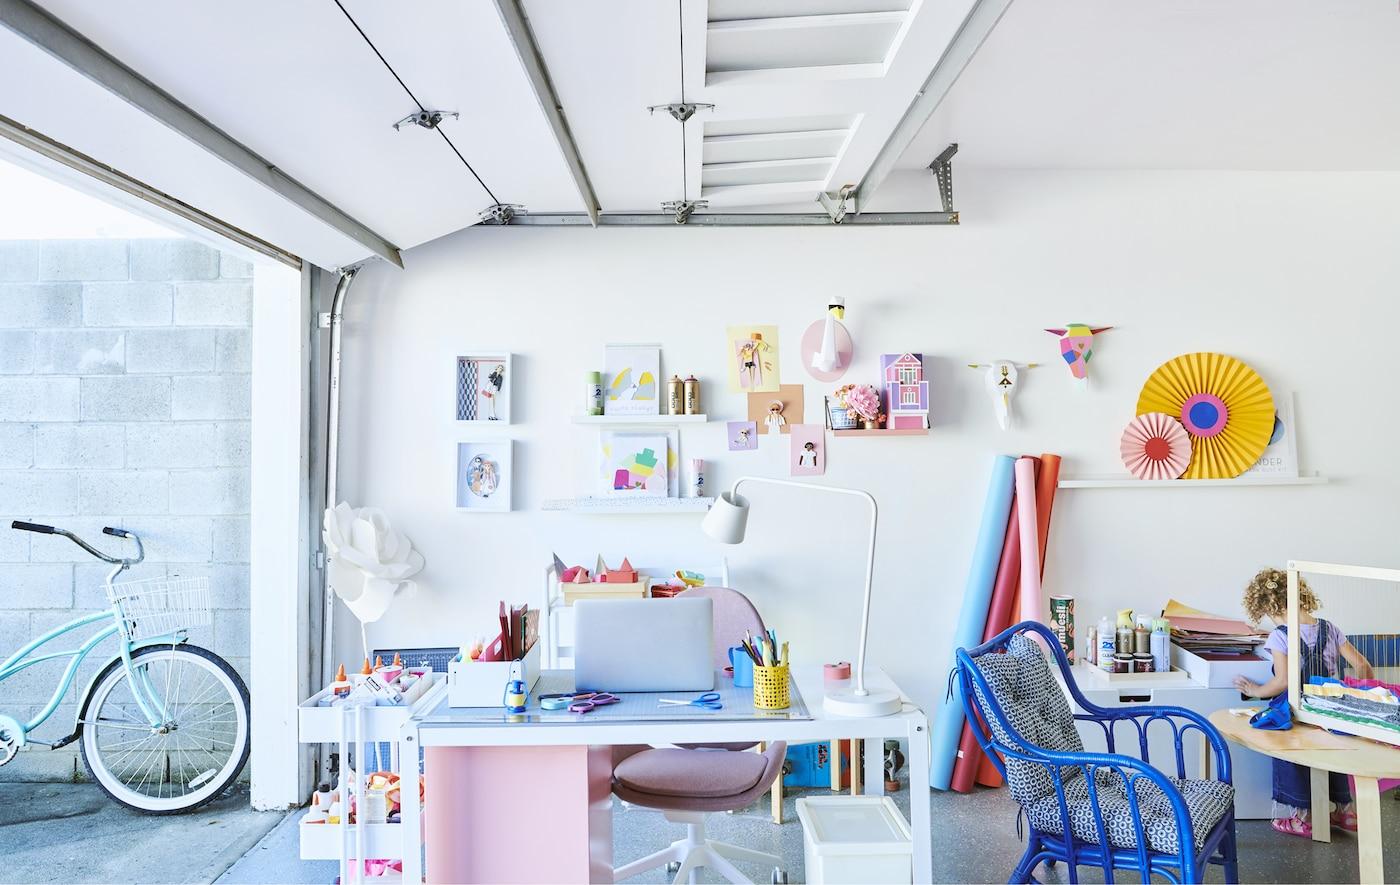 Ein farbenfroher Arbeitsplatz in einer Garage mit Schreibtisch, Servierwagen, Stühlen und Präsentation an der Wand.